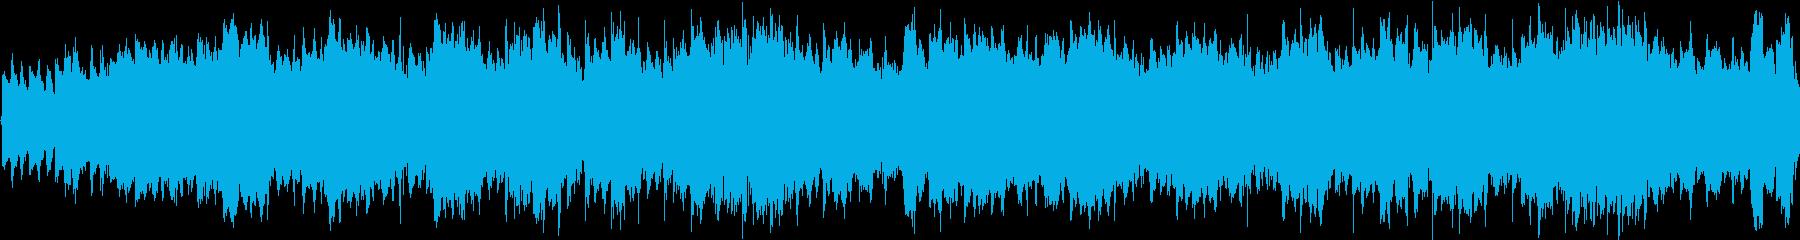 ワルツのリズムが怪しげなホラーなループ曲の再生済みの波形